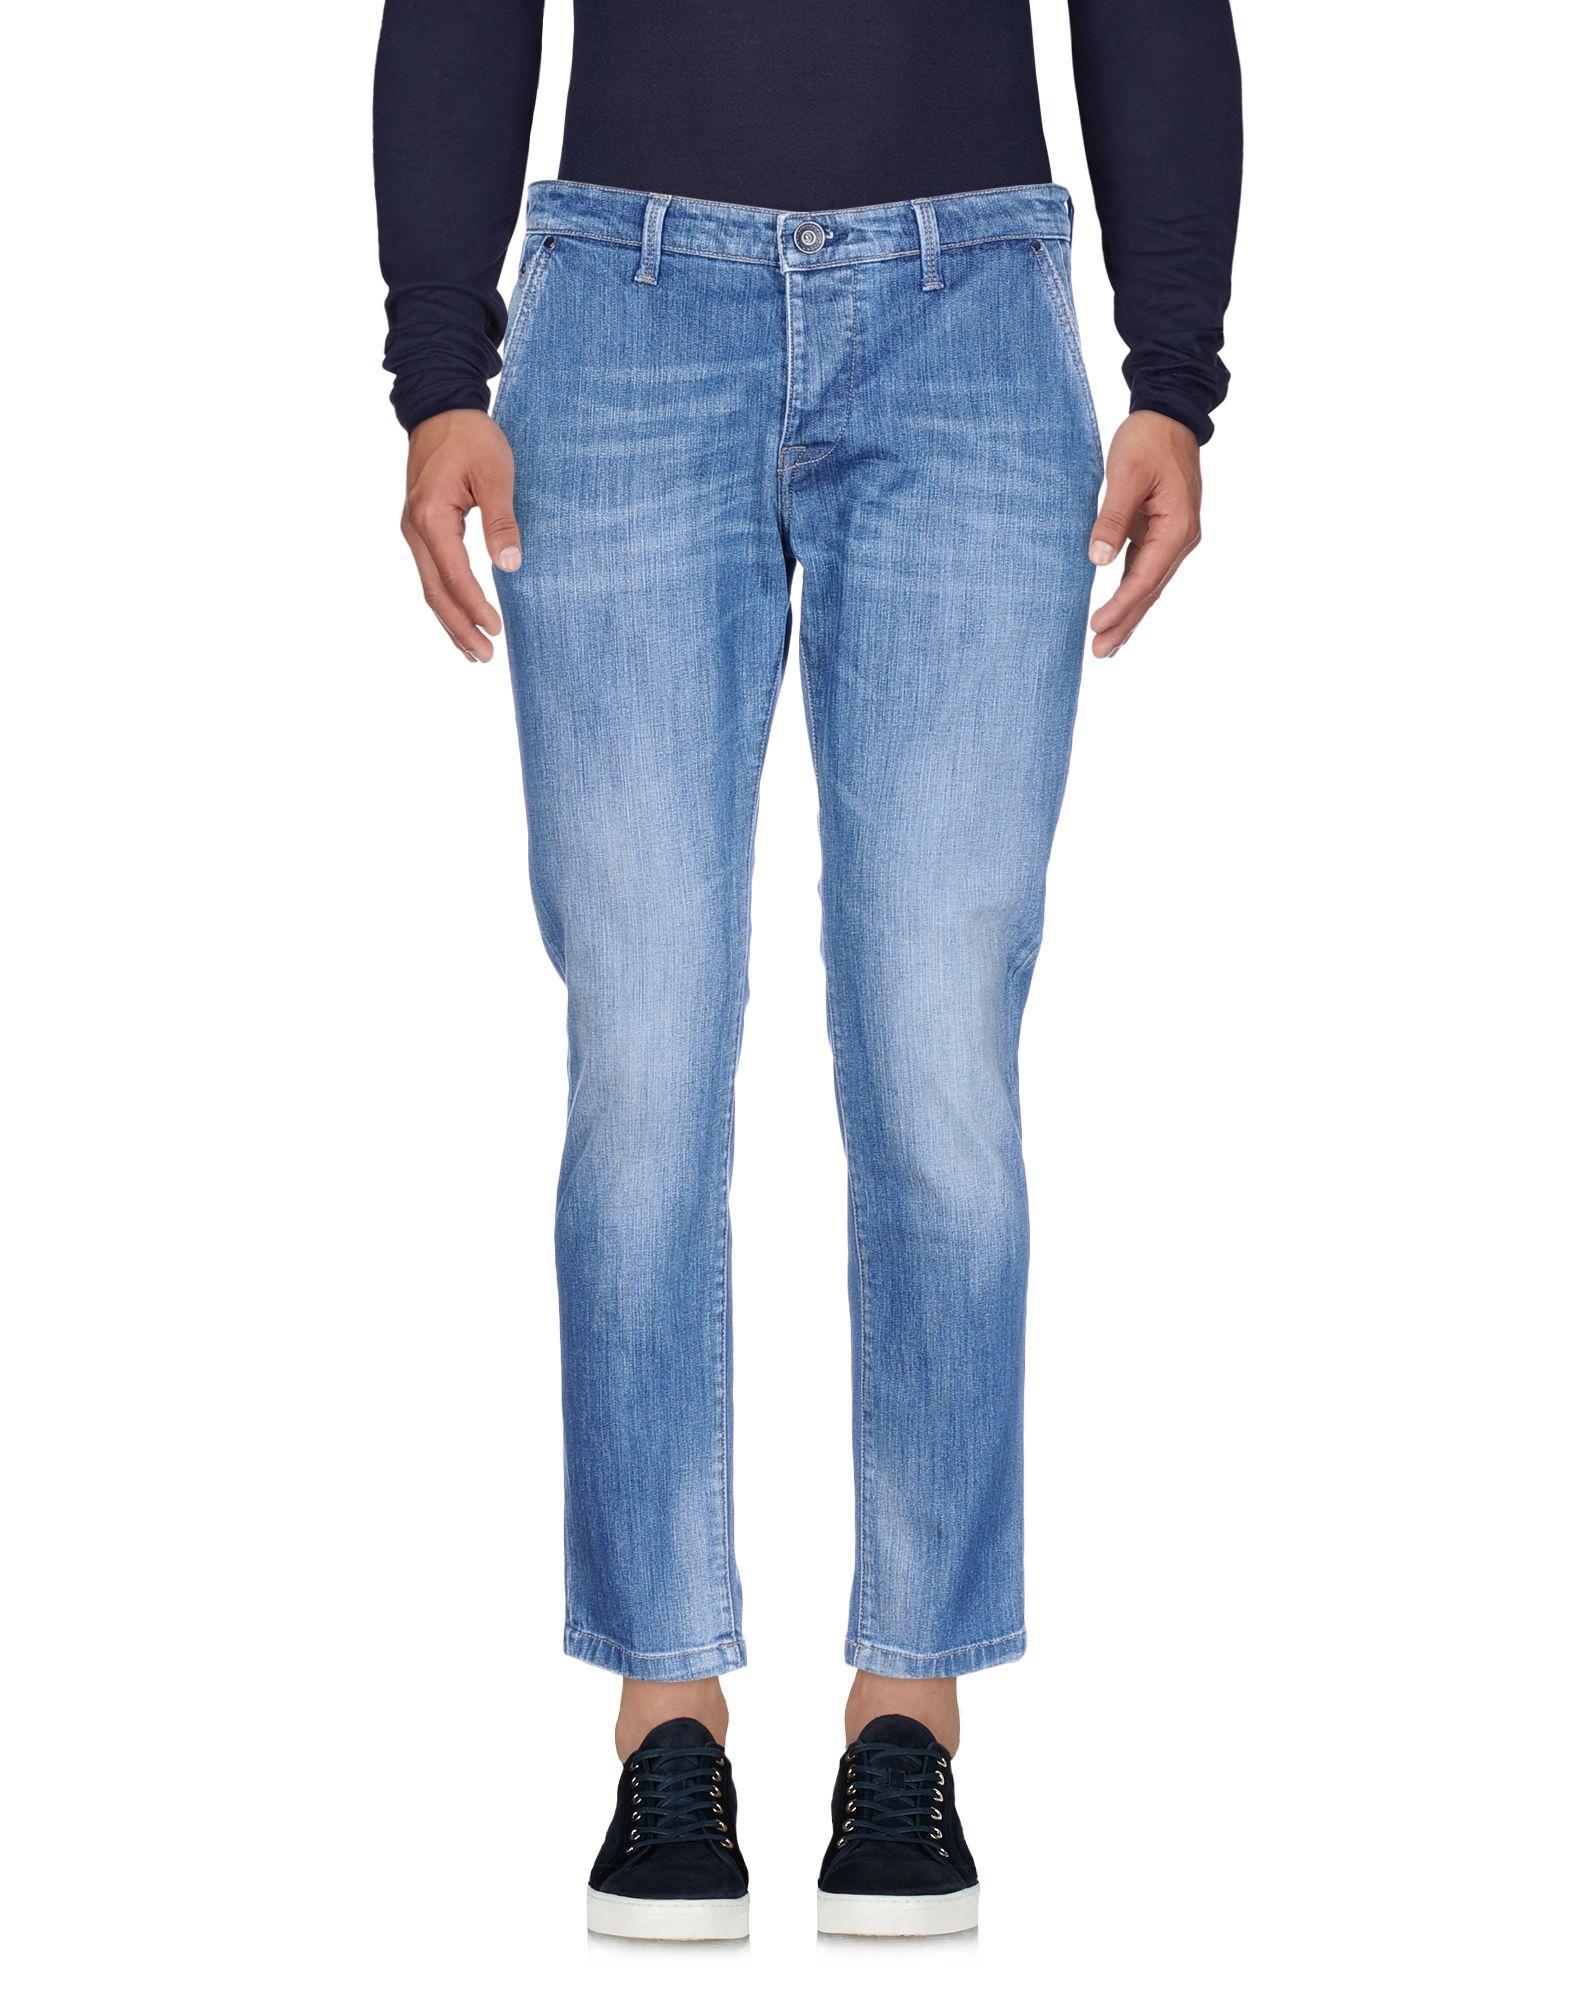 Pantaloni Jeans 0/Zero 0/Zero 0/Zero Construction Uomo - 42681355AC 4aeed4